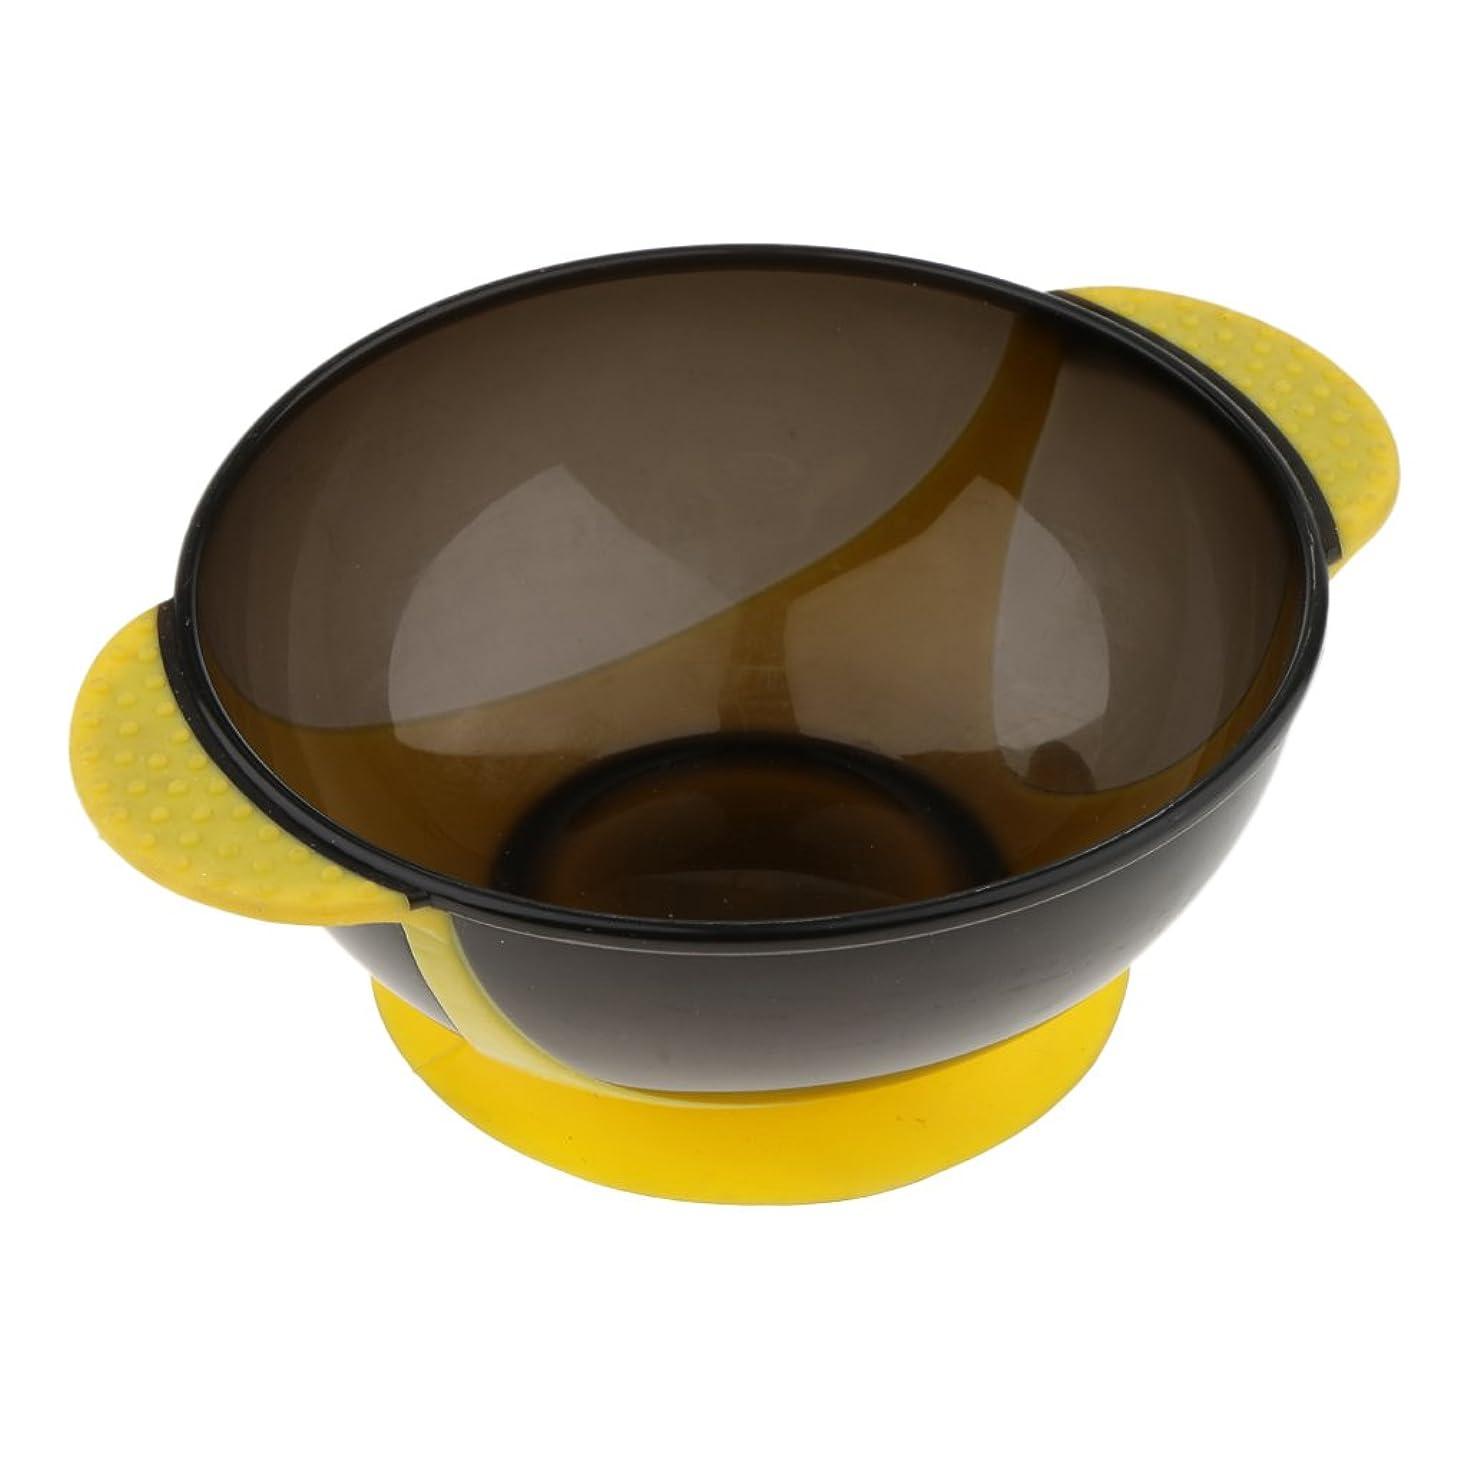 アンテナ感度責めSharplace 全3色 ヘアカラー ミキシングボウルヘアダイボウル ボウル 吸着パッド 洗濯可能 速乾性 - 黄